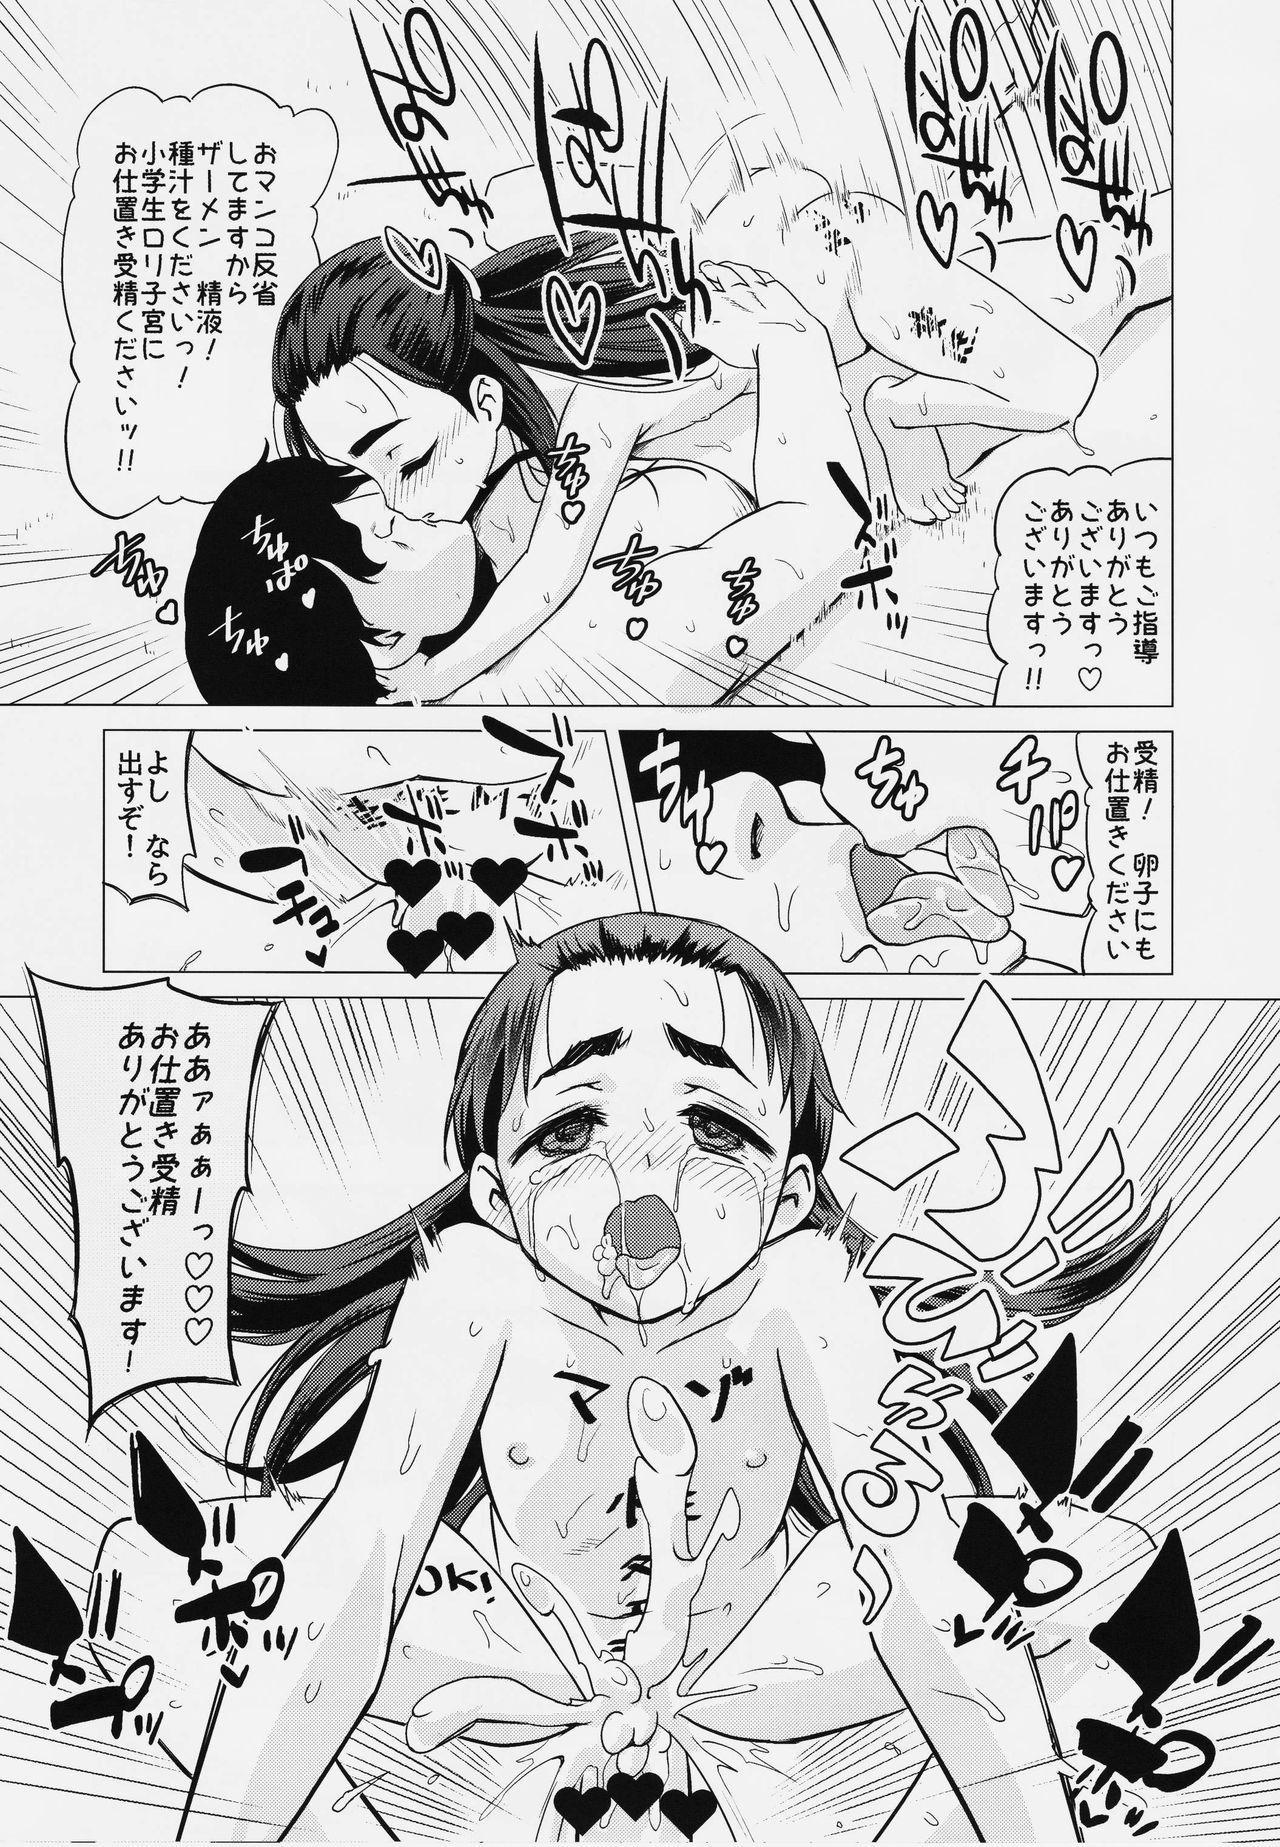 Osanai Kozue no Maso Taibatsu Shigan 29